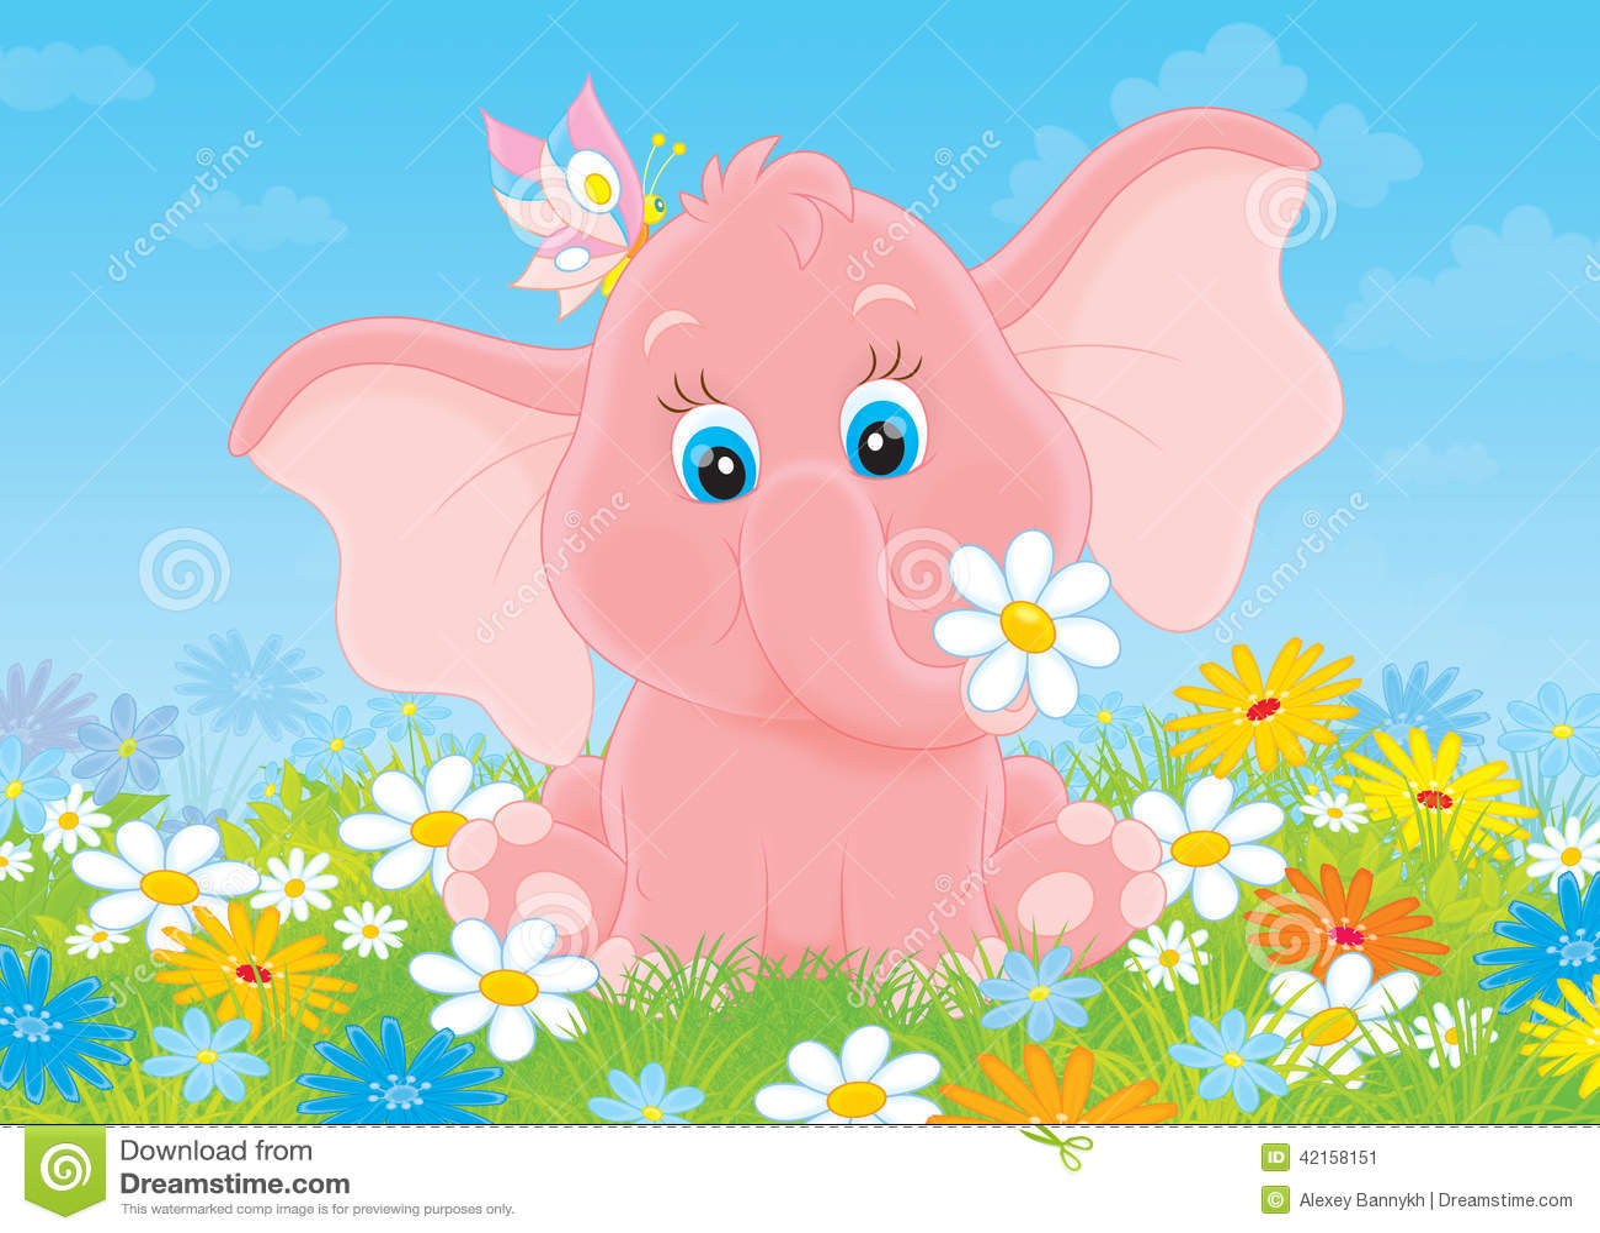 Фото слоника в цветах